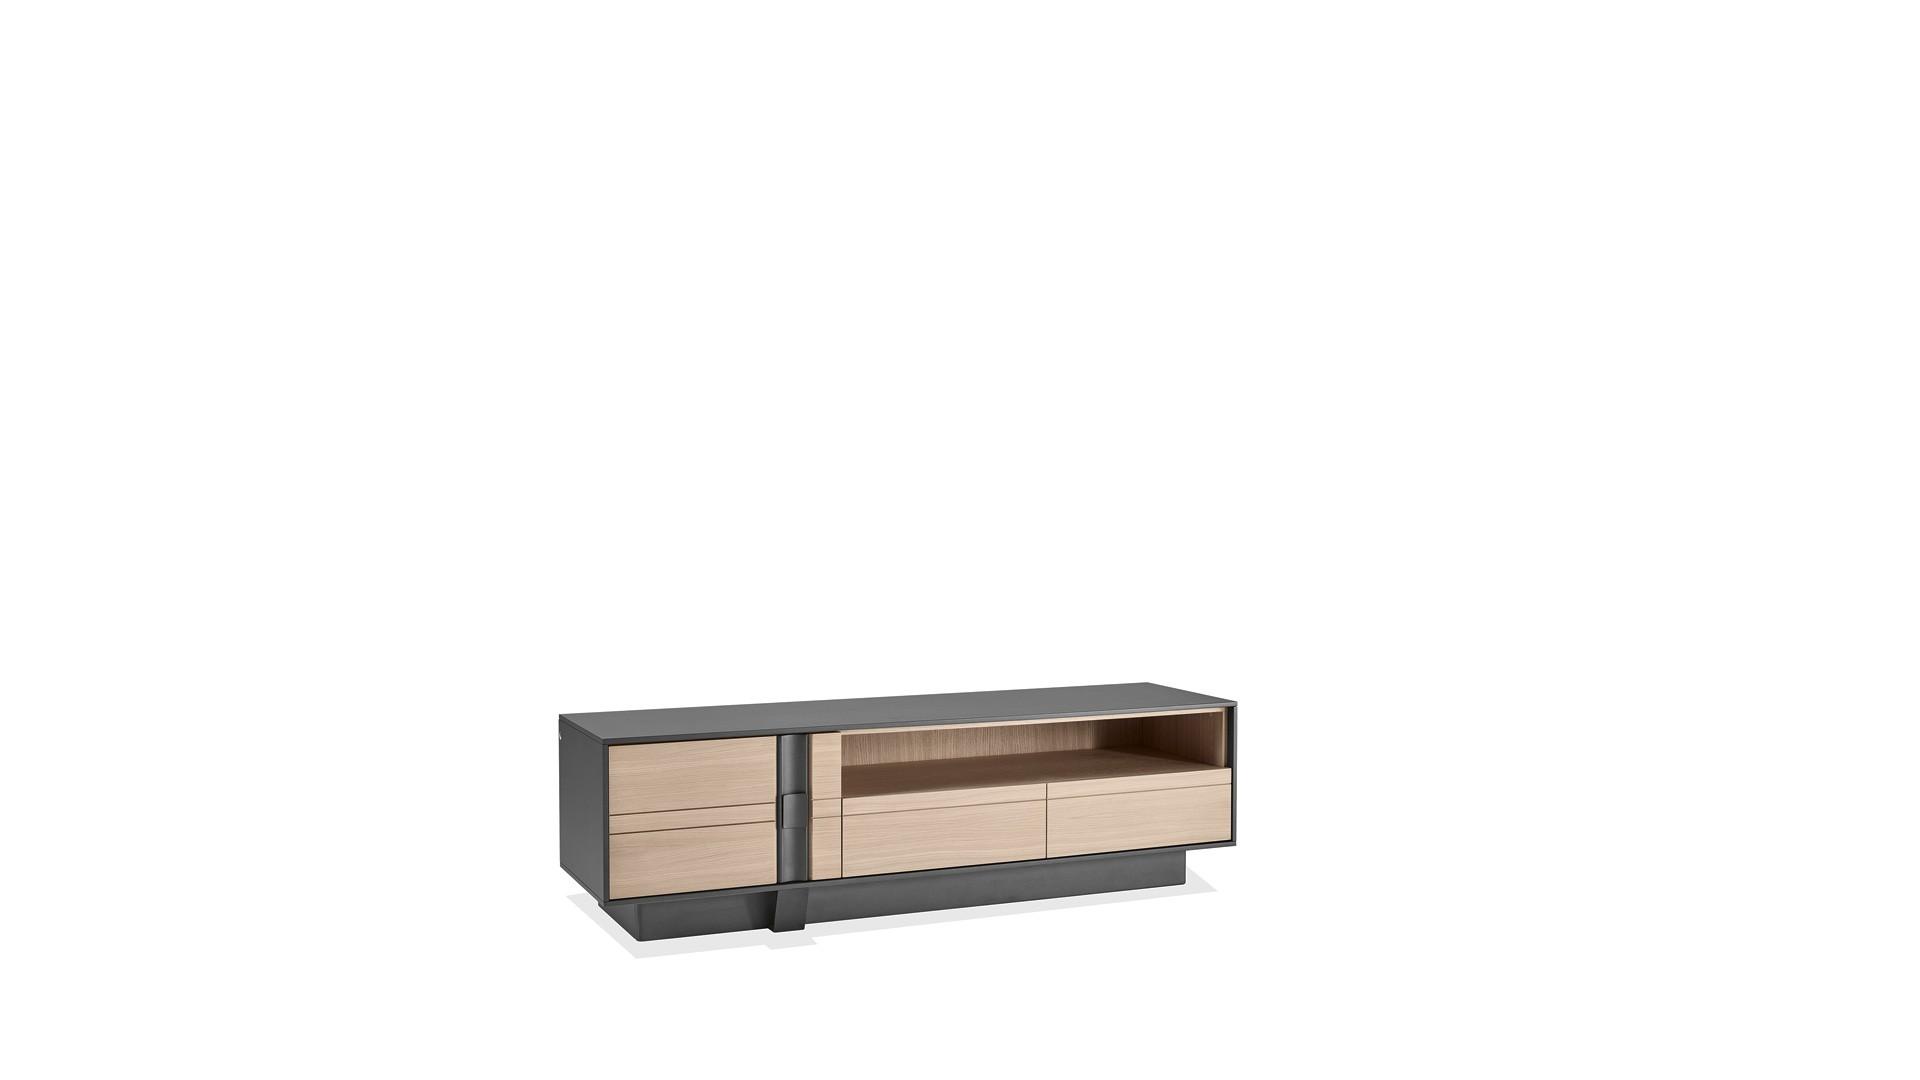 meuble tv 1 porte sofia meuble design